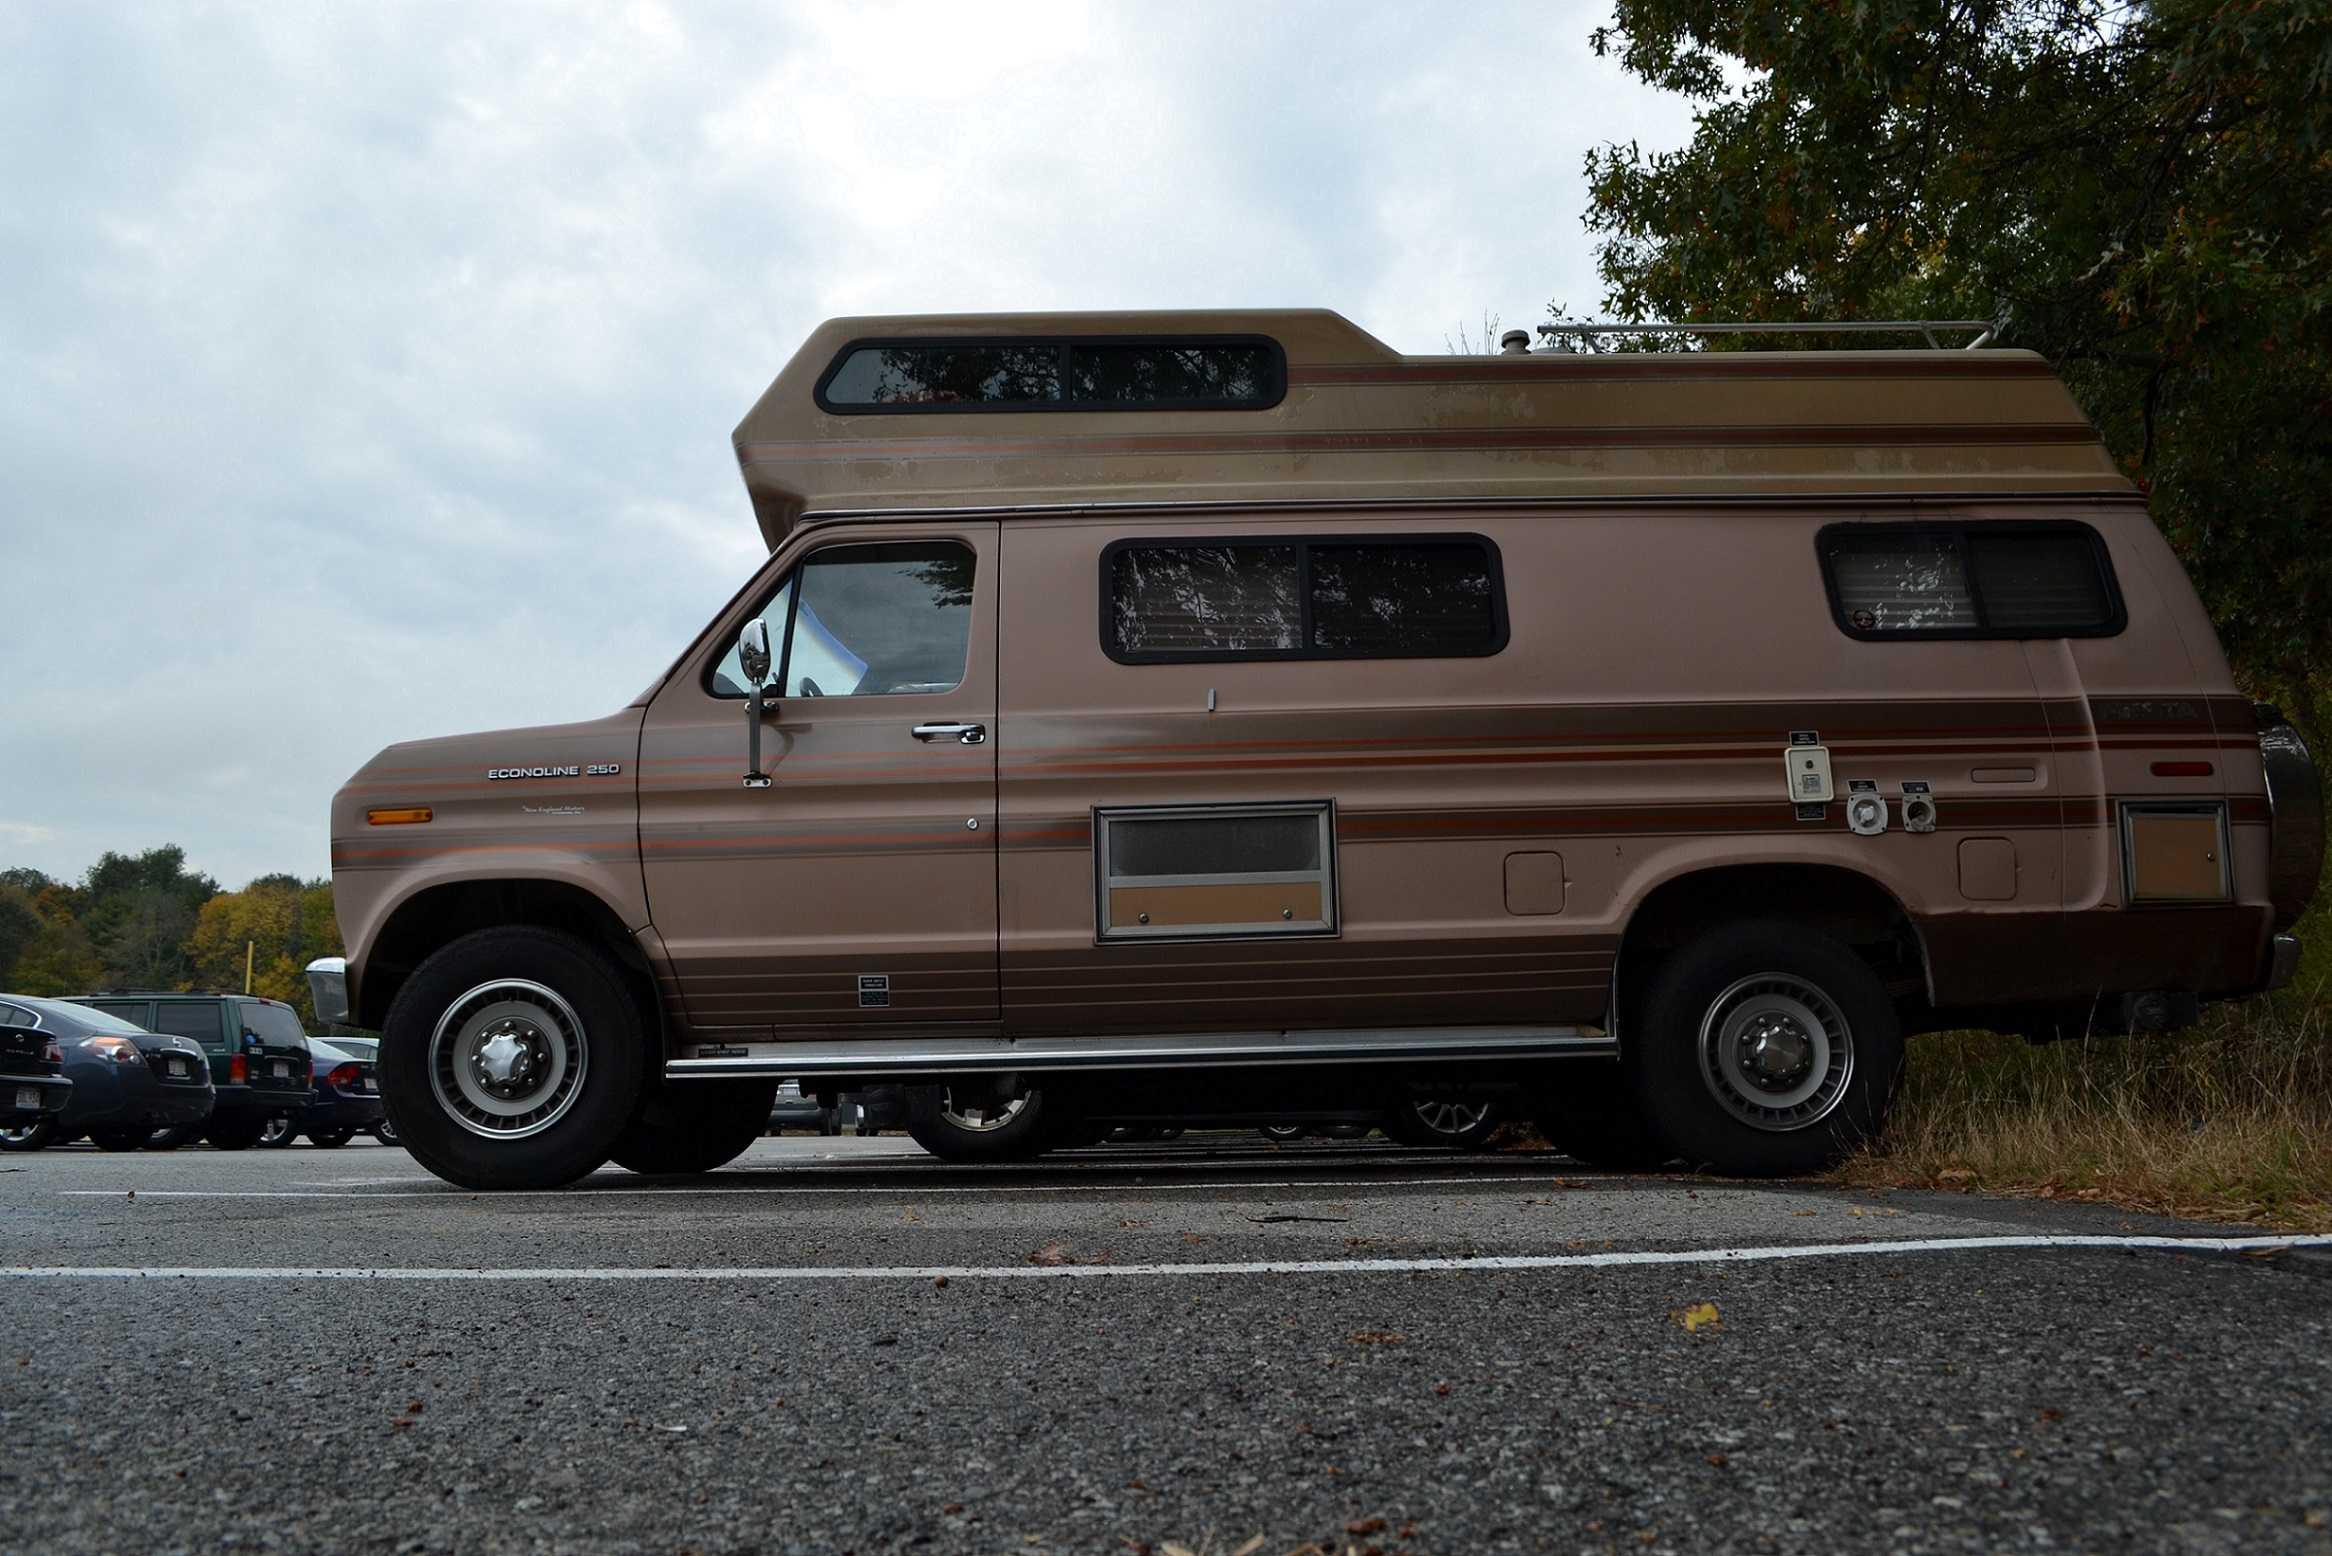 Scott's Van